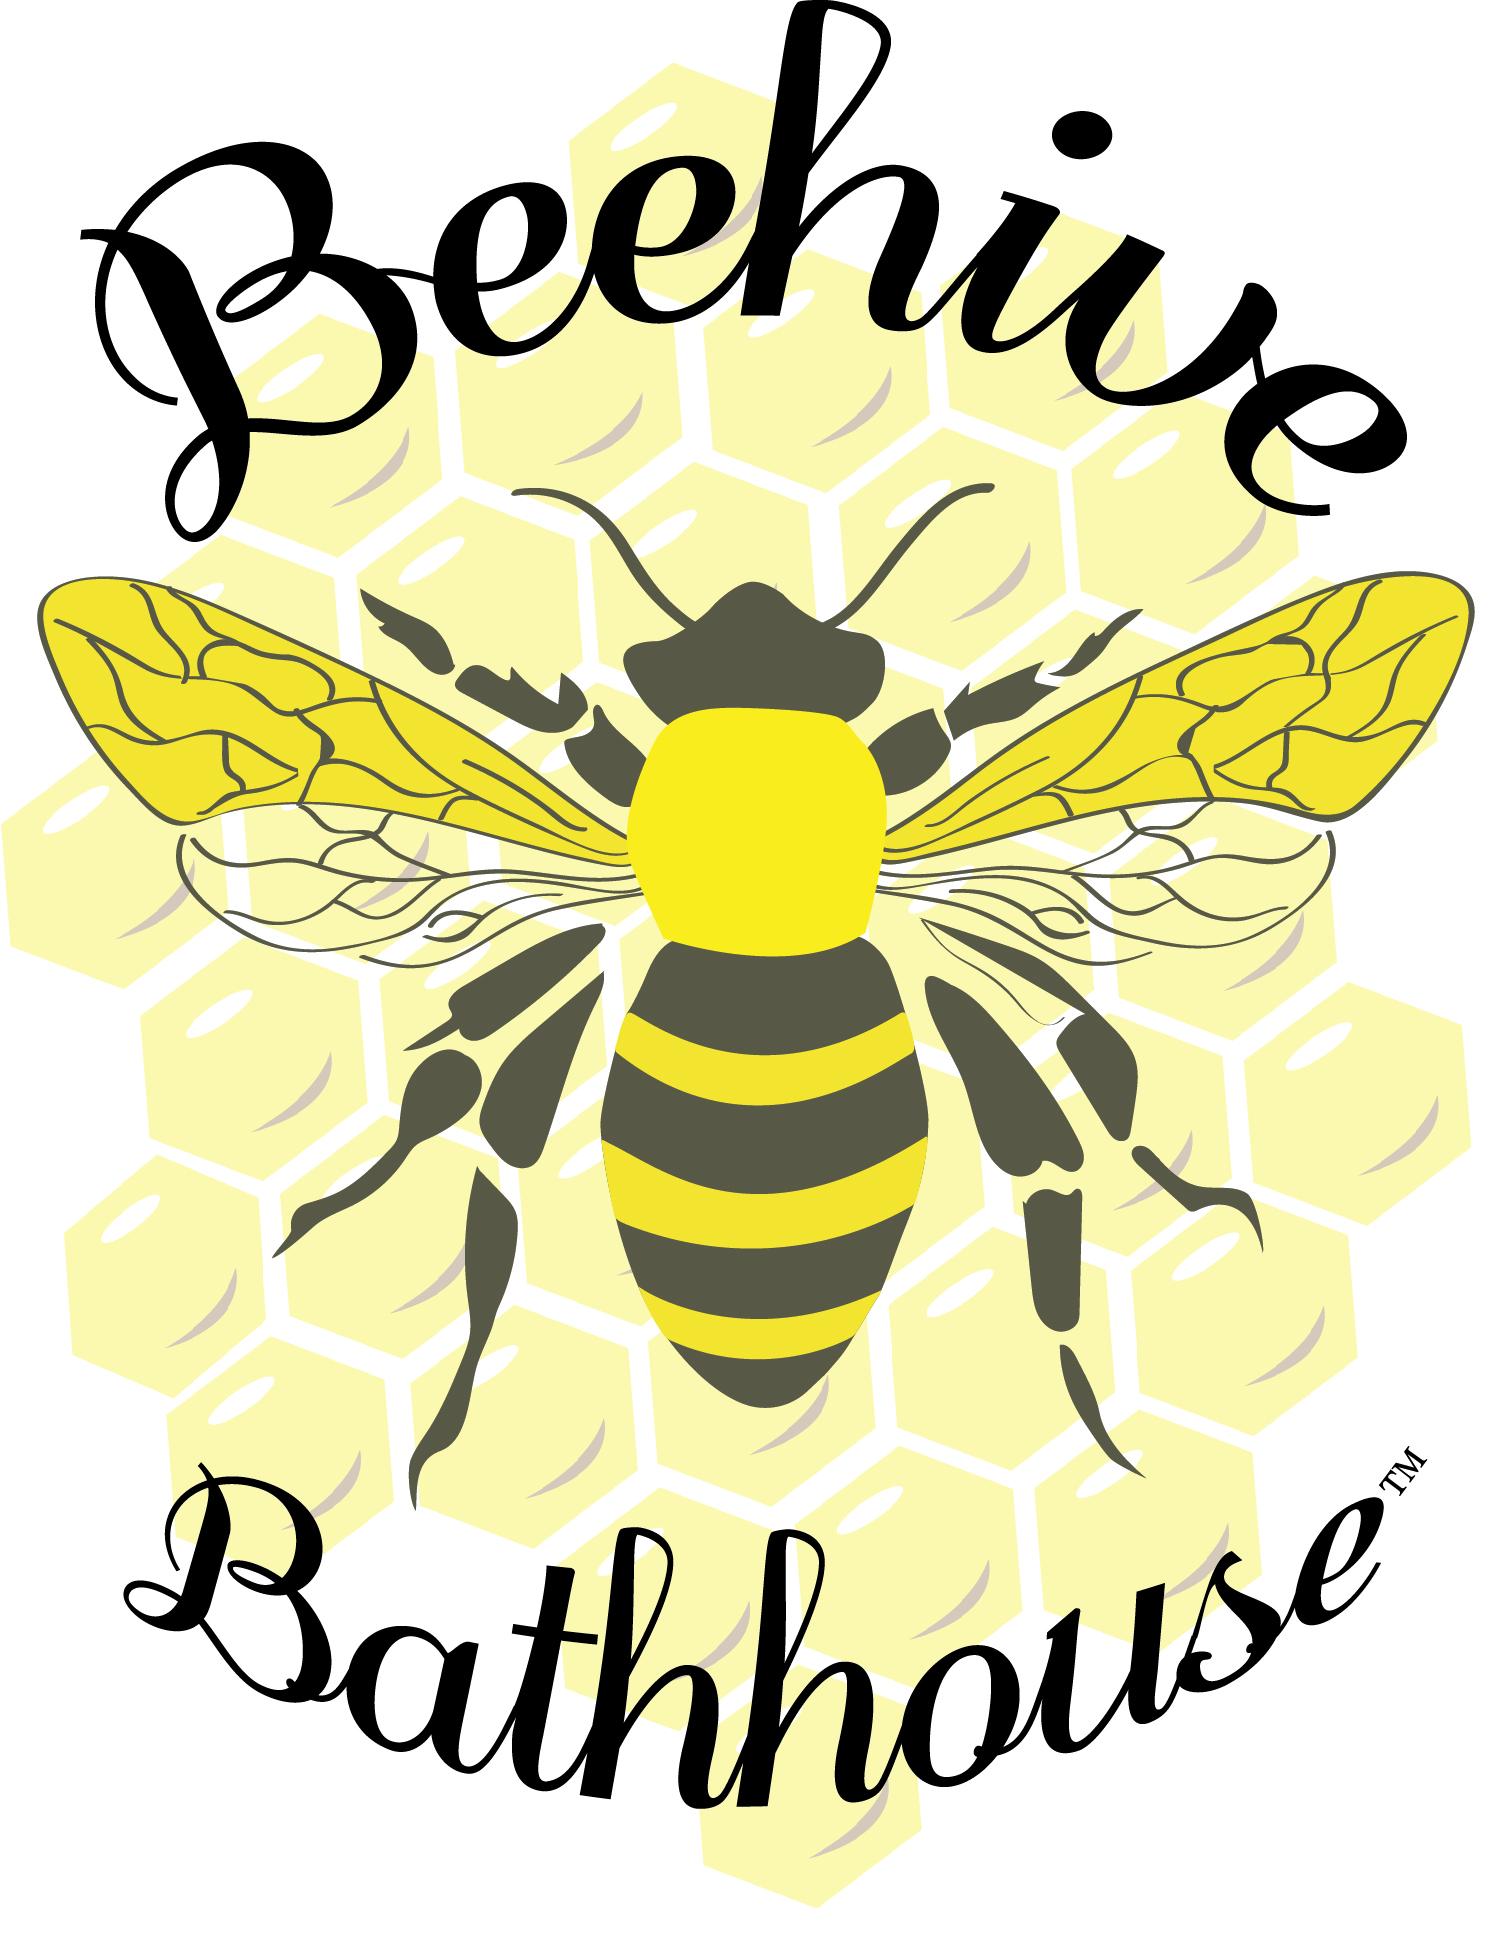 beehive-logo-w-name-1-.jpg